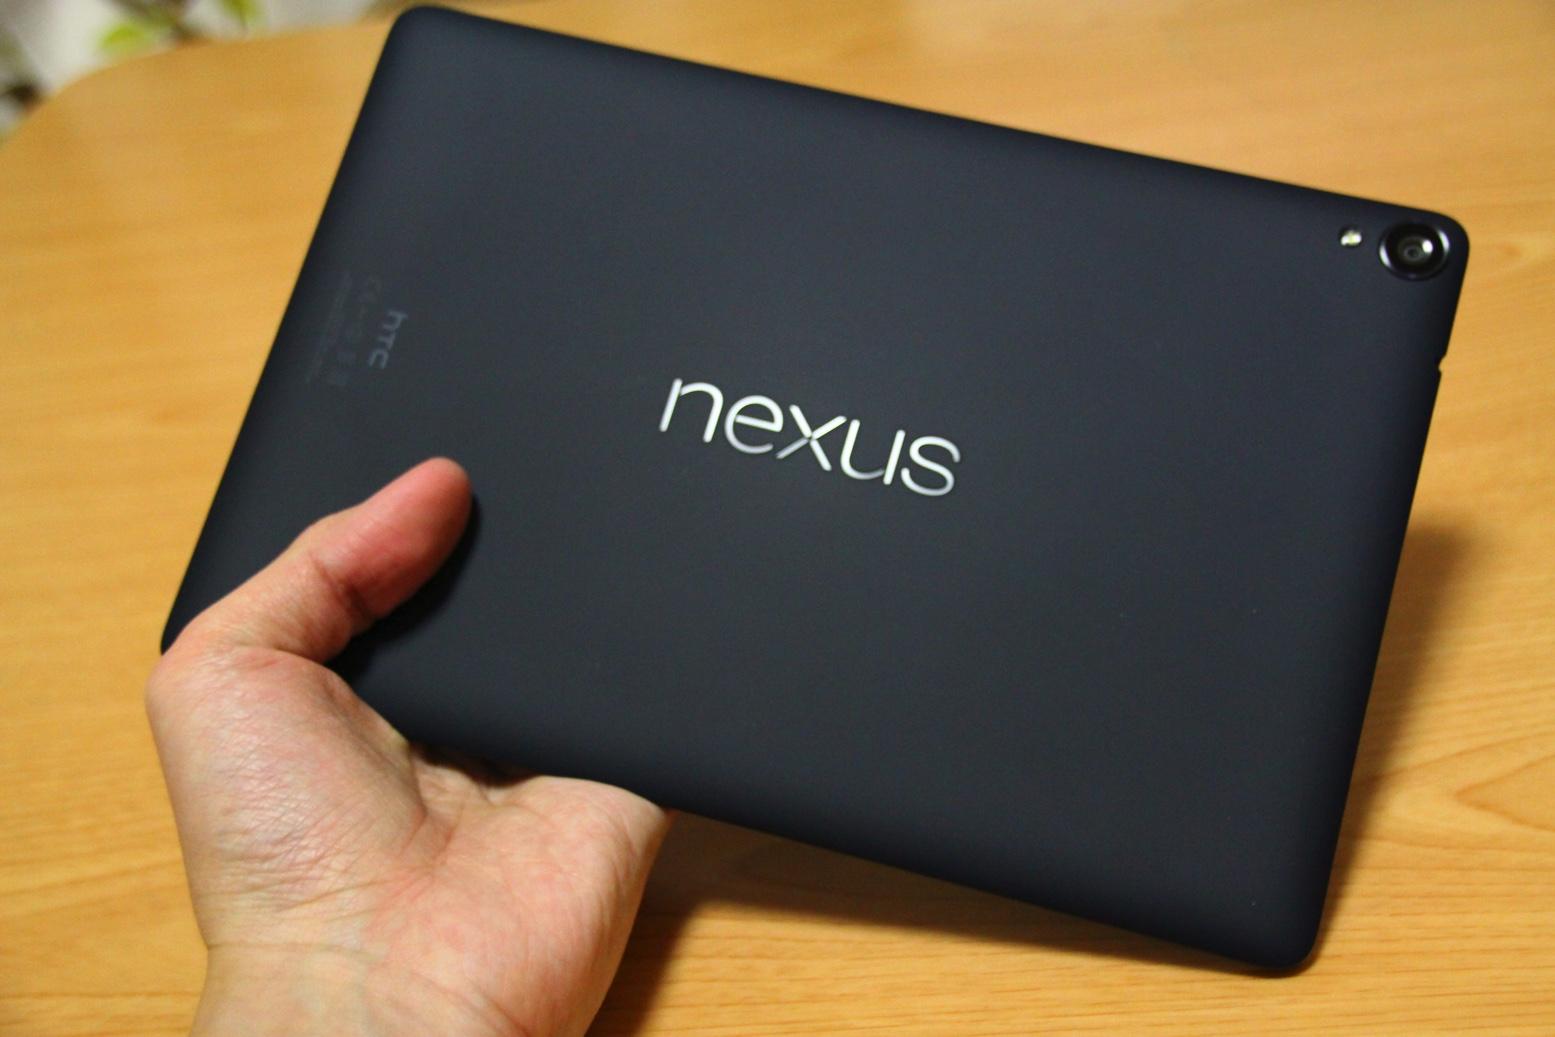 SIMフリーLTE 32GBモデルのNexus 9が3万円台になってたので買いました